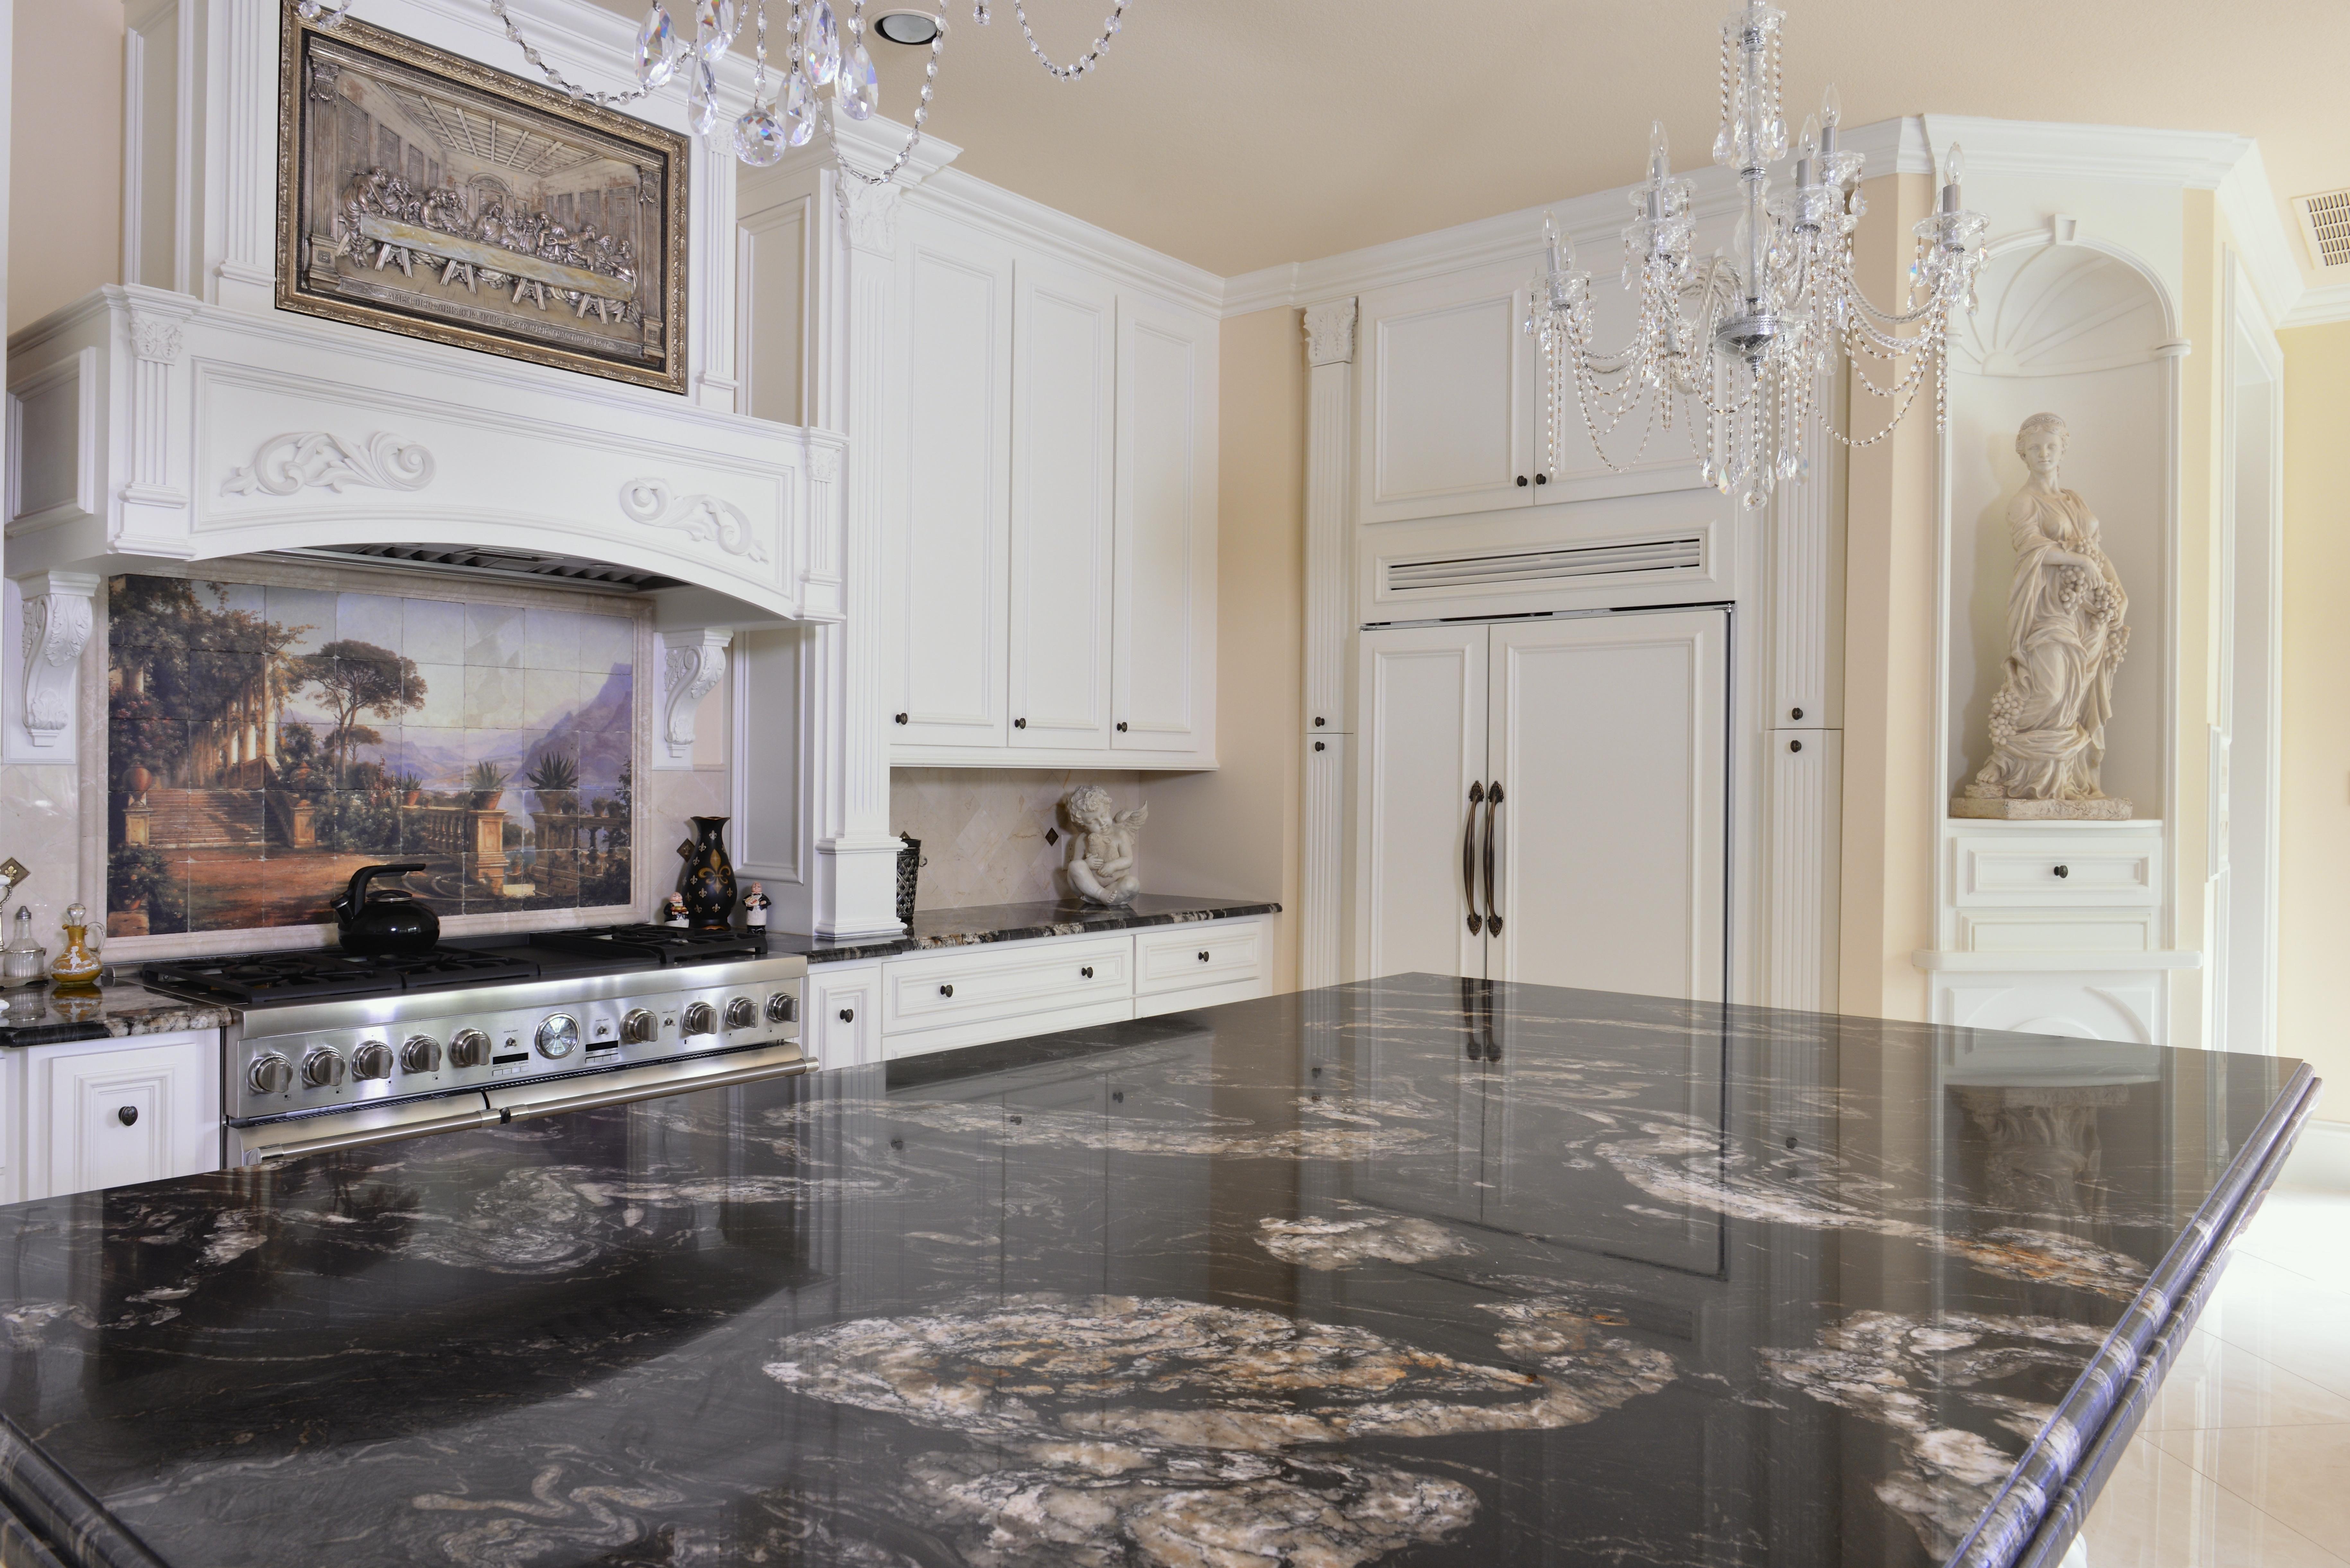 Best Titanium Granite Kitchen This Dramatic Granite Looks 400 x 300